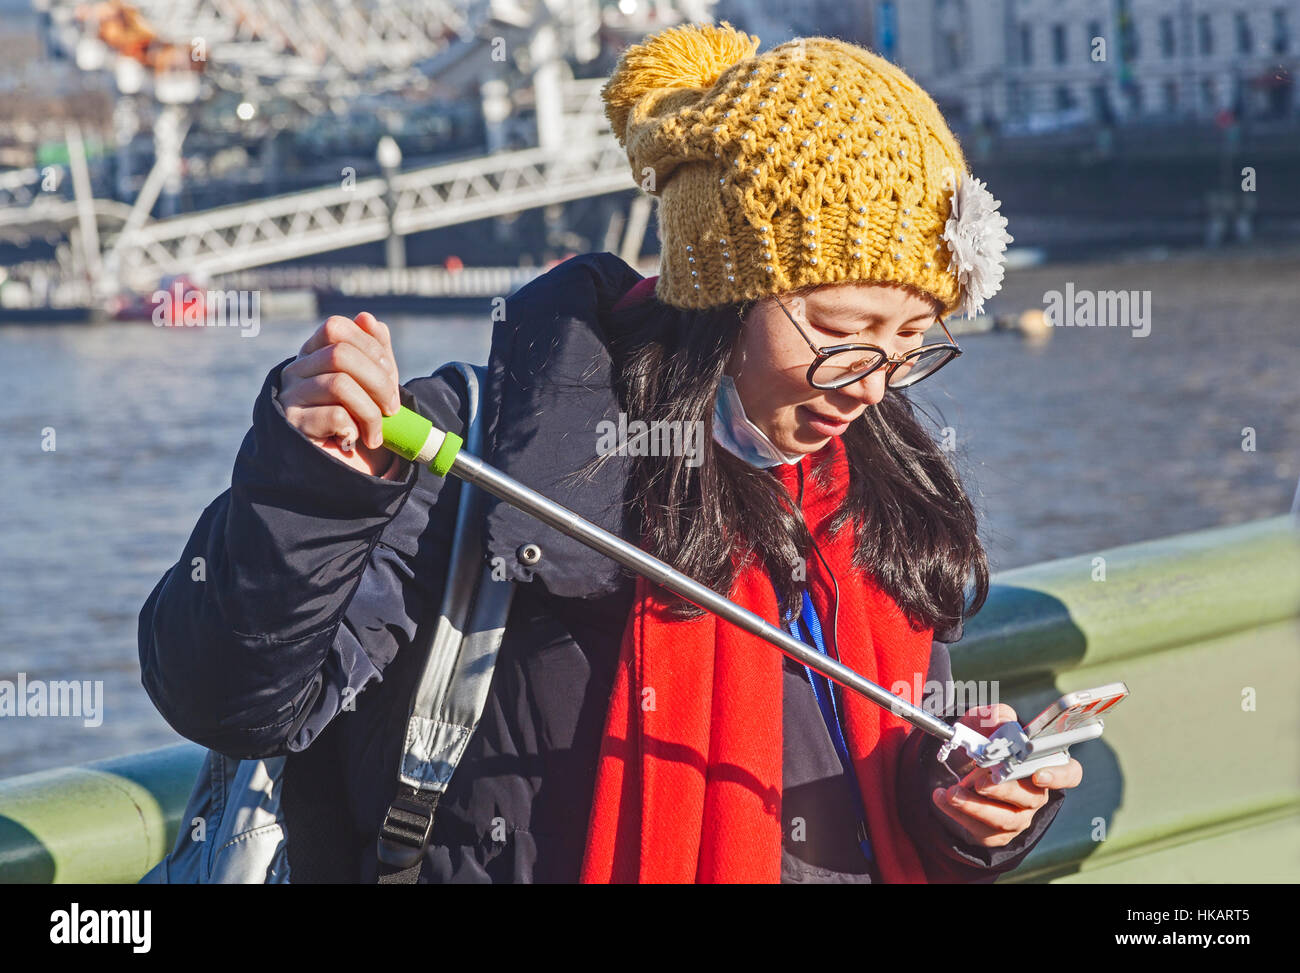 London, Westminster un turista giapponese controlla la sua fotocamera con annesso selfie-stick sul Westminster Bridge Immagini Stock